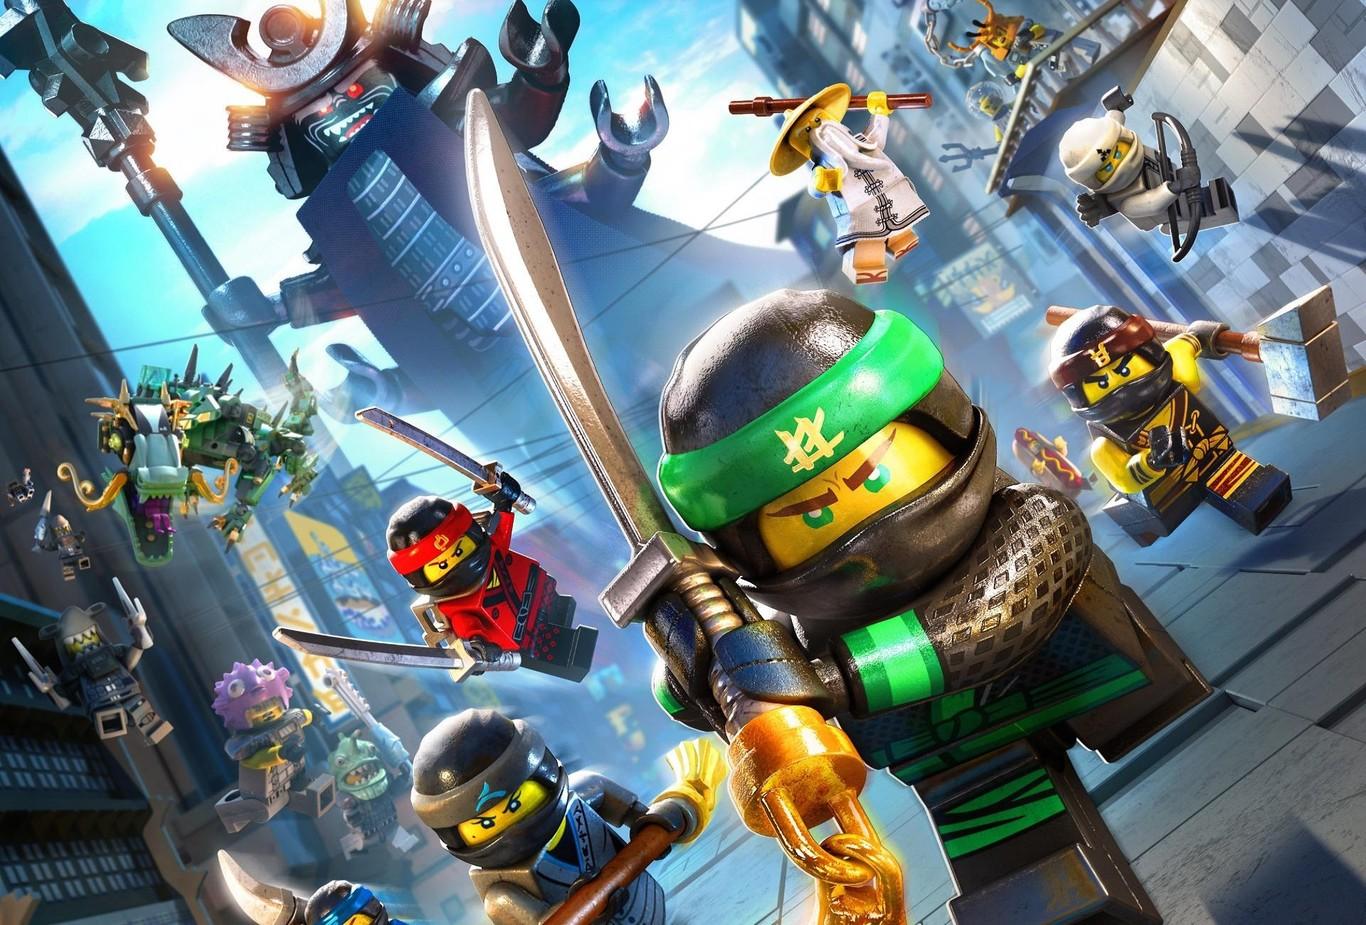 Descarga GRATIS Ahora El Juego LEGO Ninjago Película